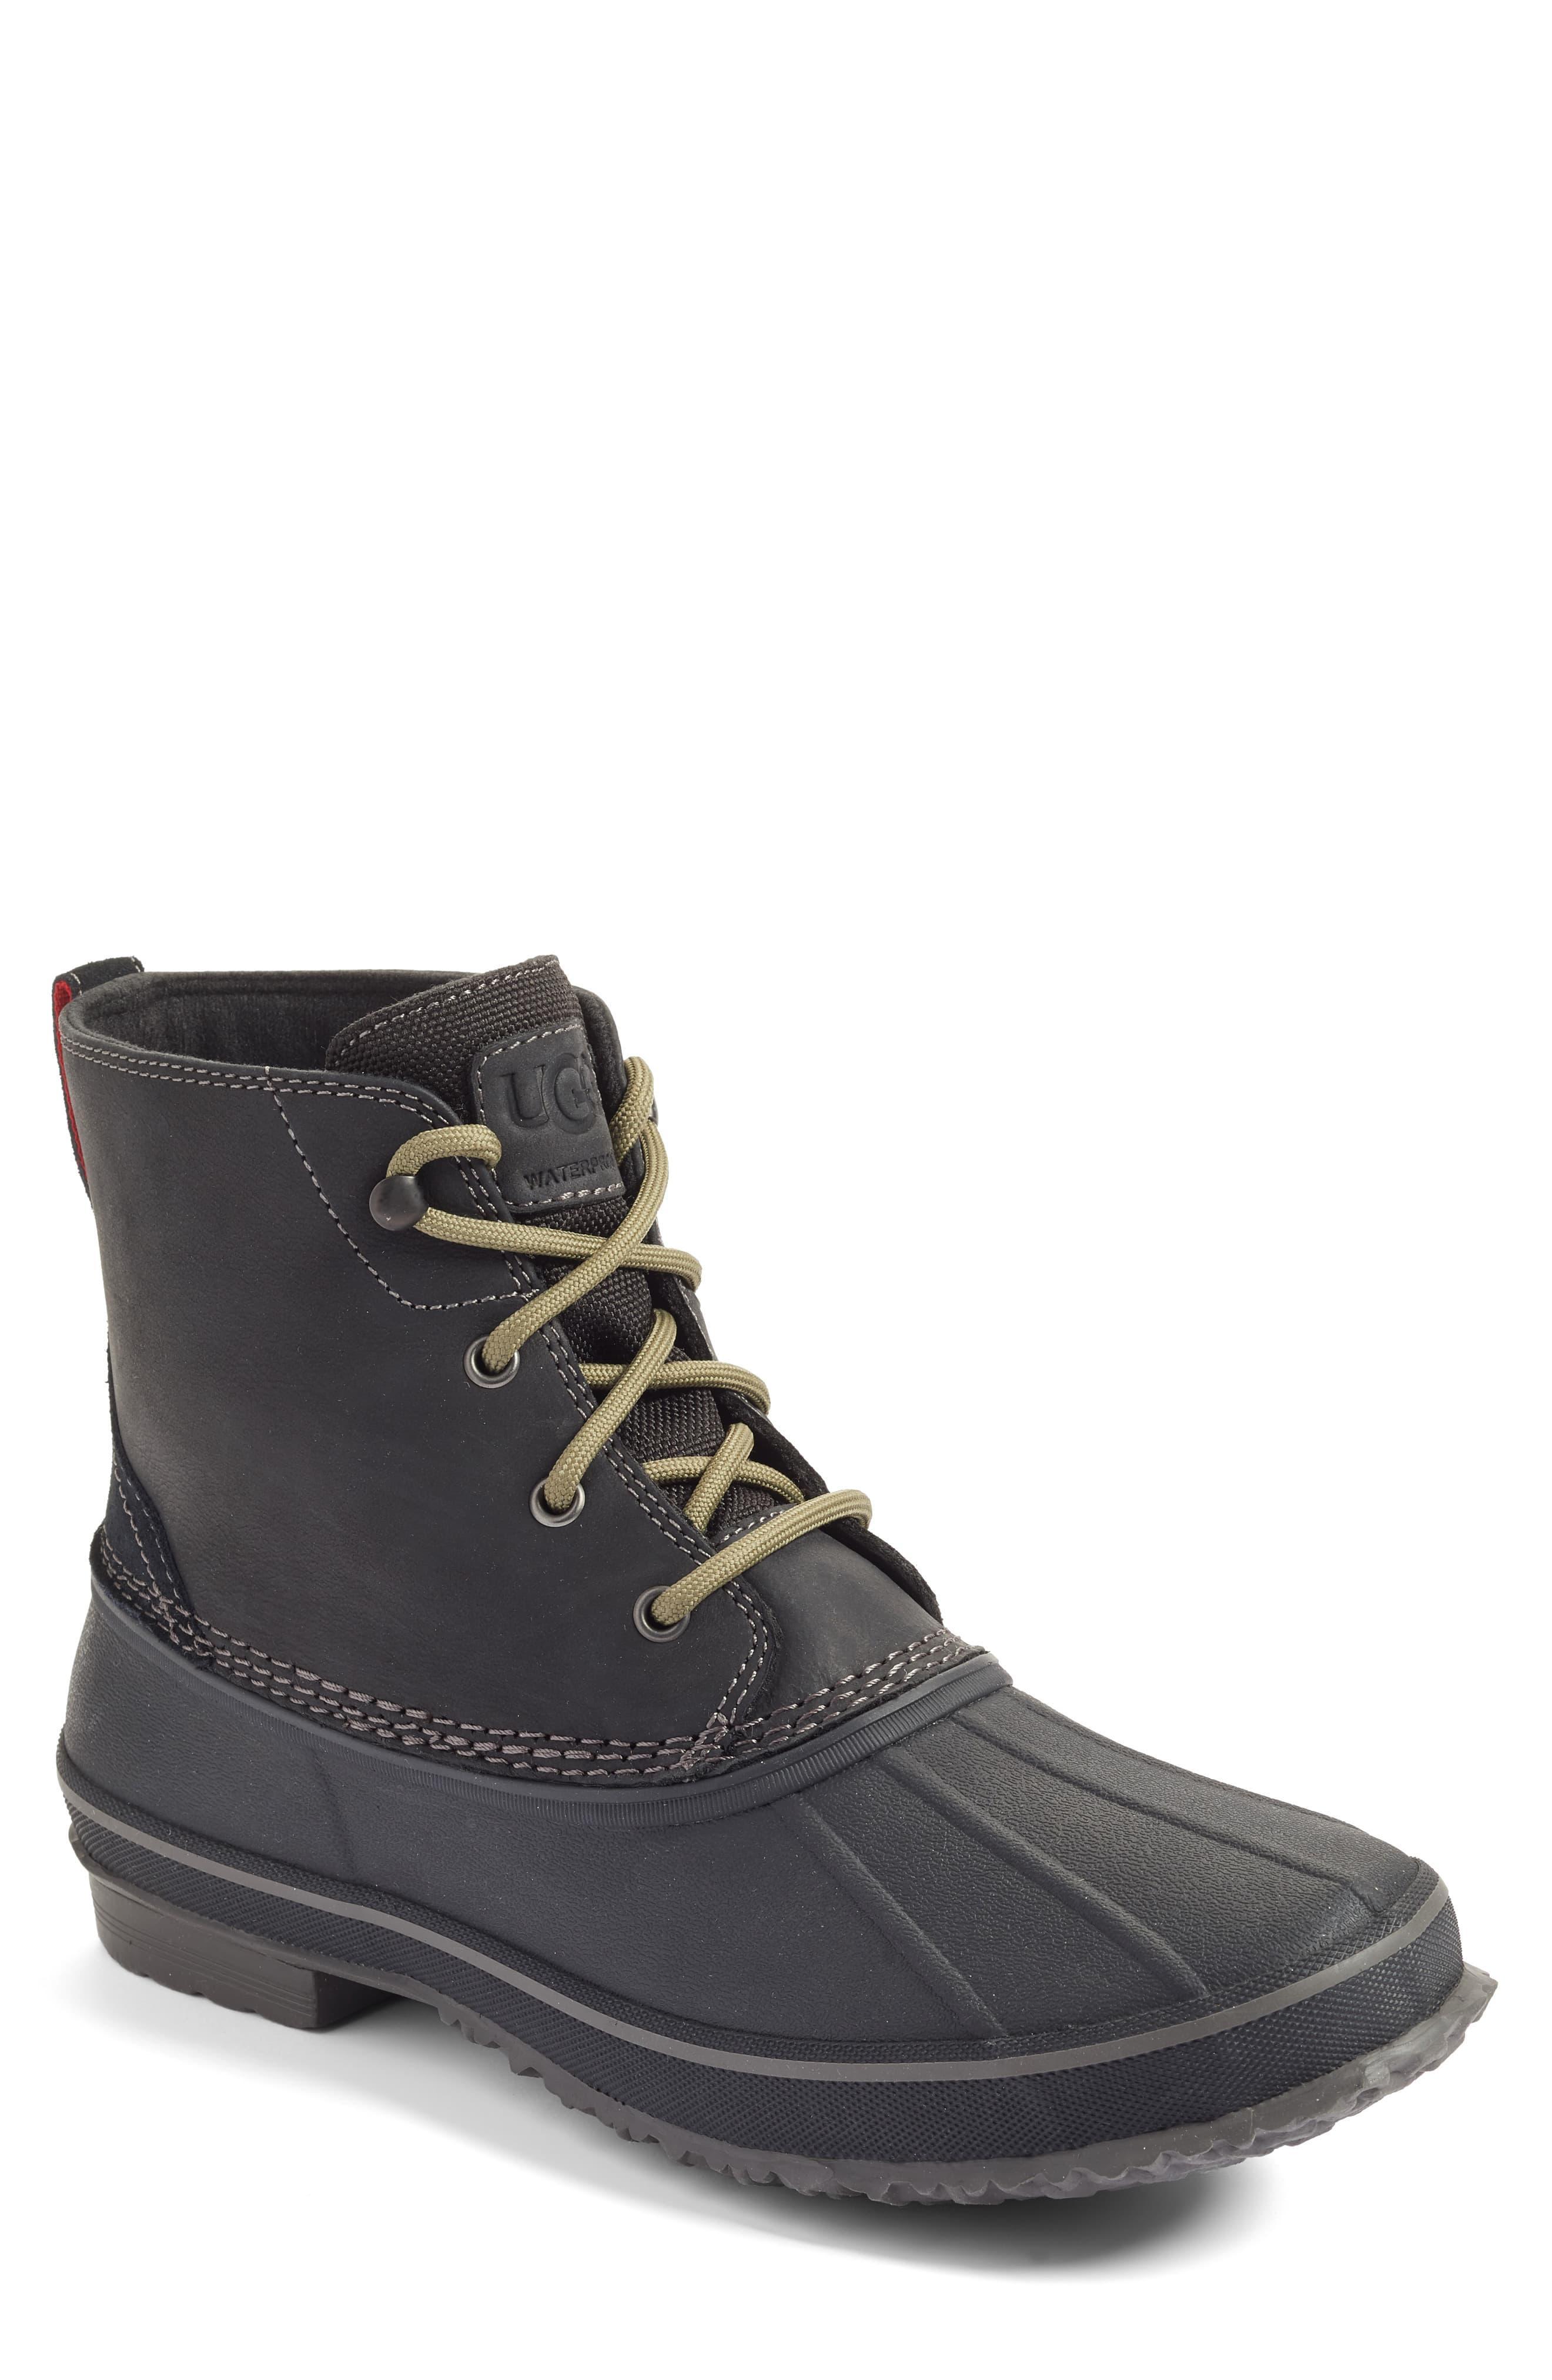 a3f6faac2e8 Black Men's Zetik Waterproof Boots